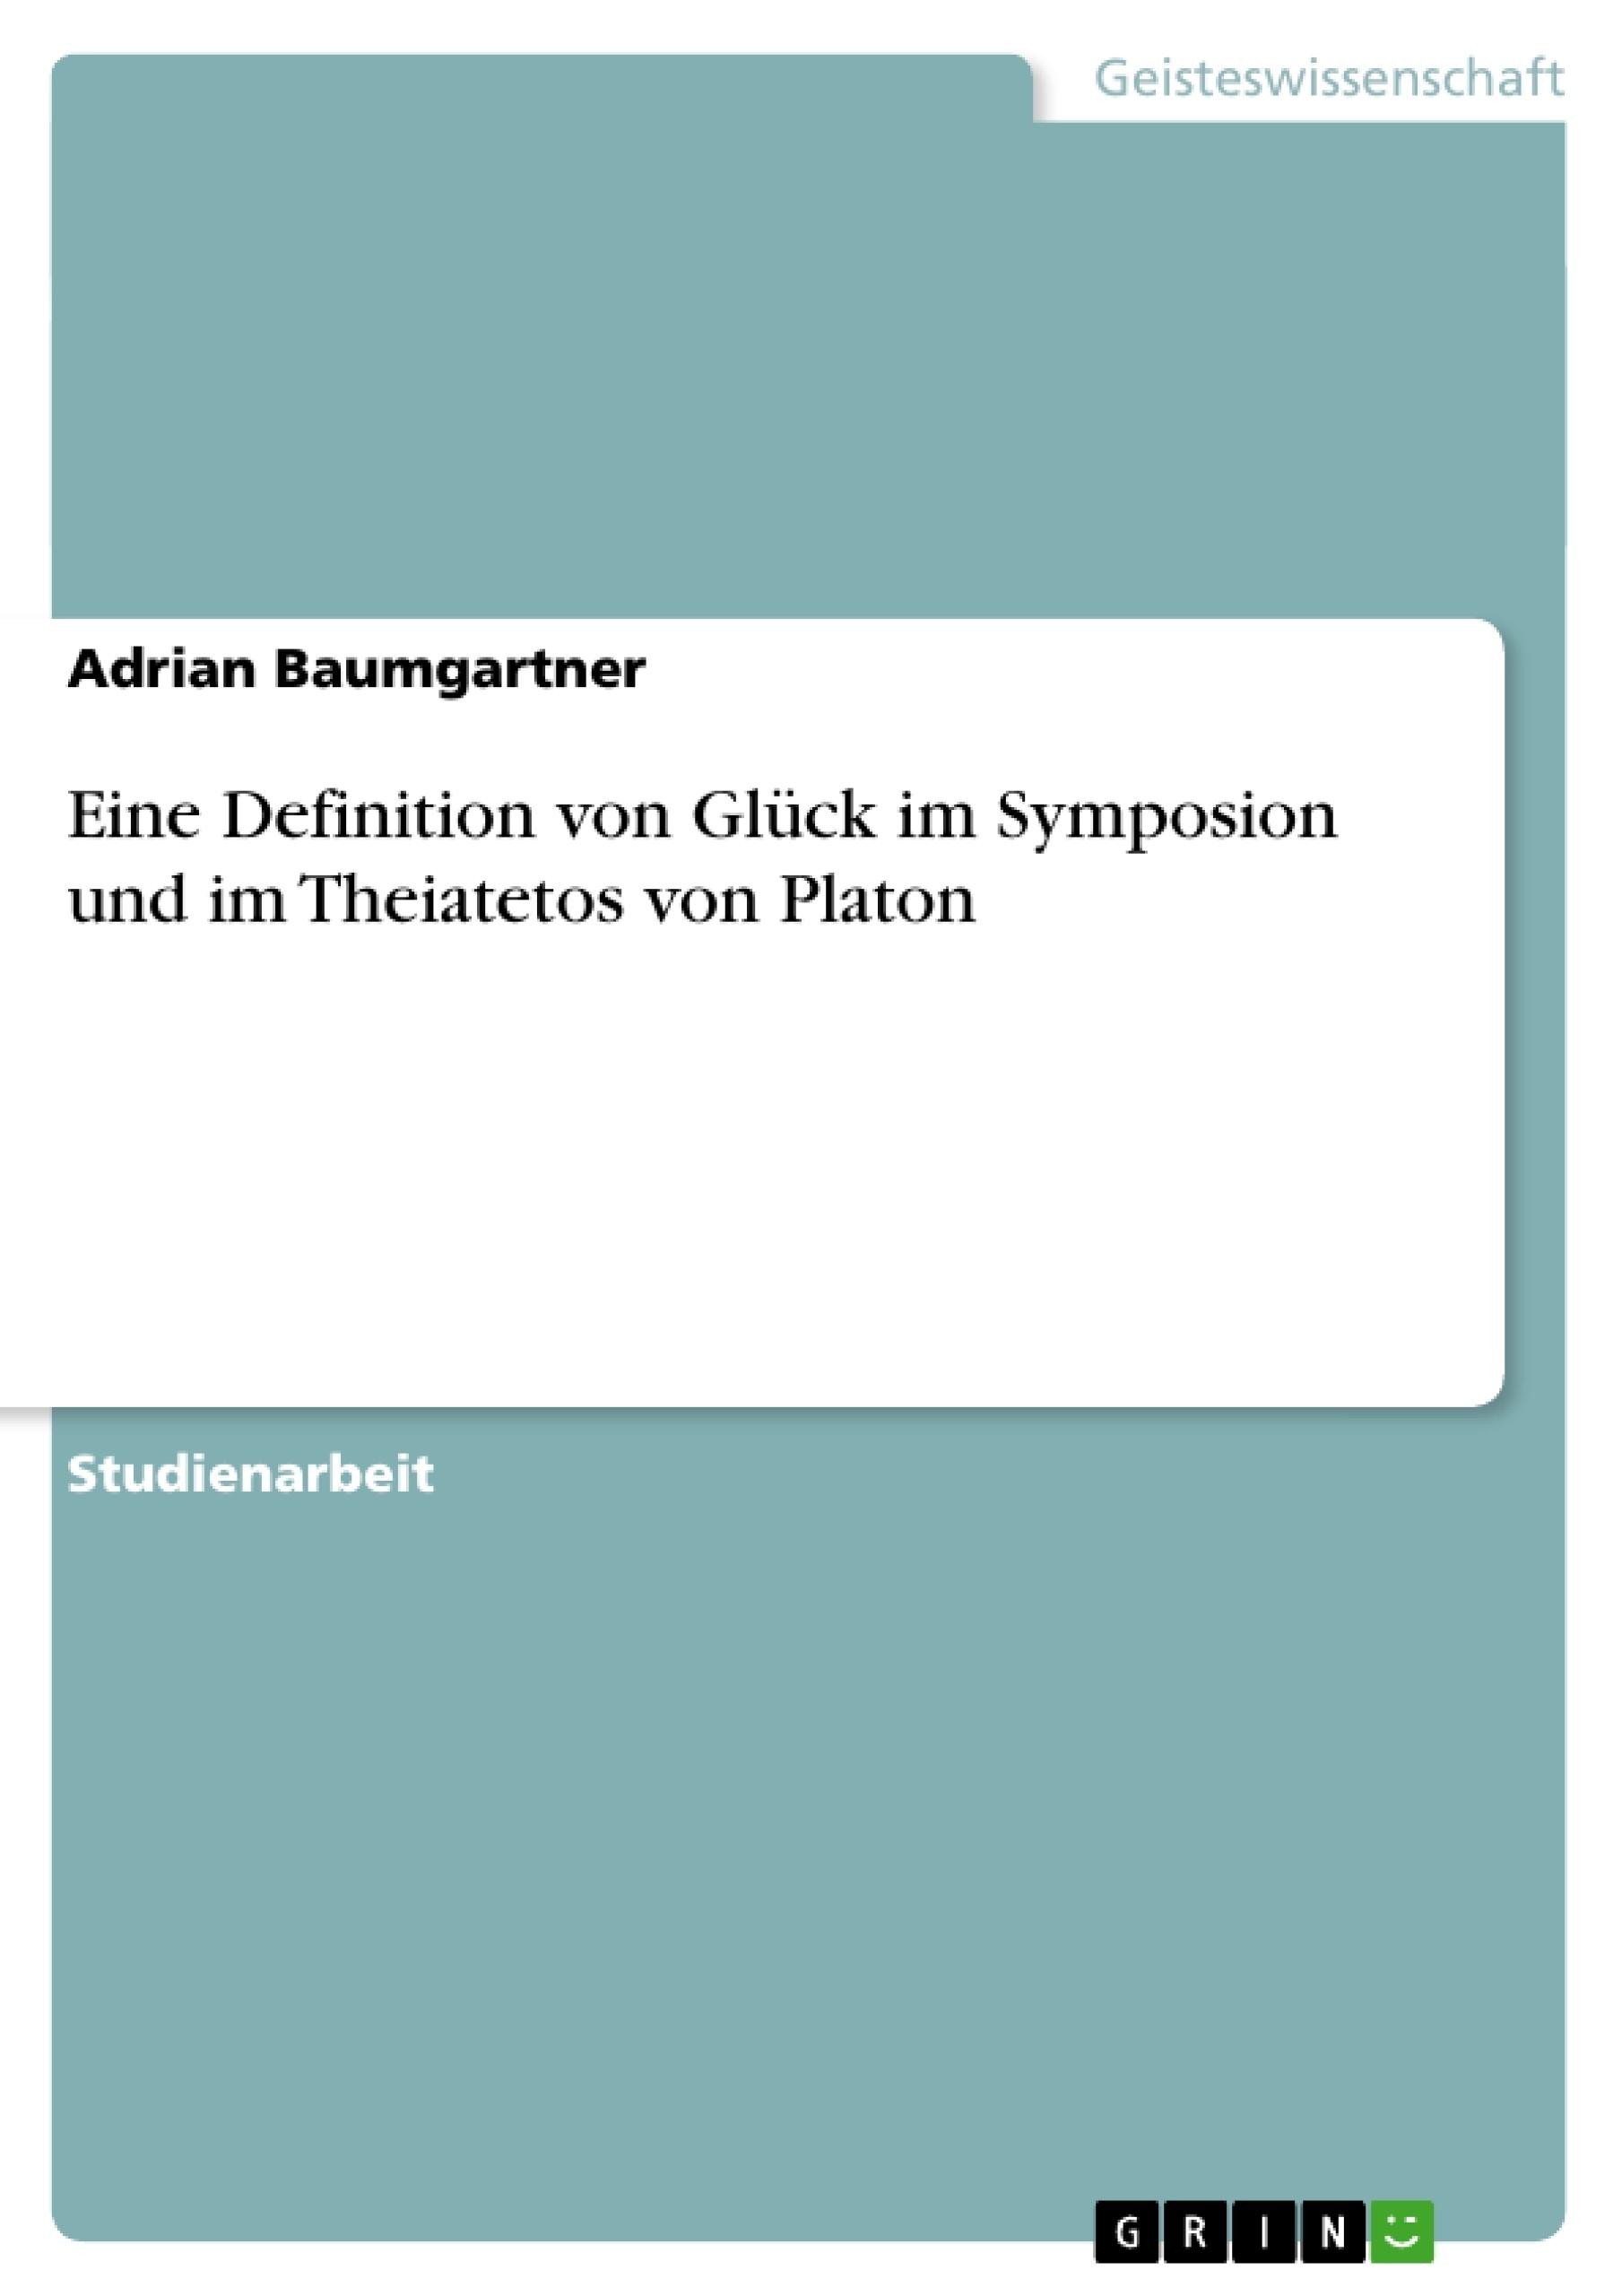 Titel: Eine Definition von Glück im Symposion und im Theiatetos von Platon